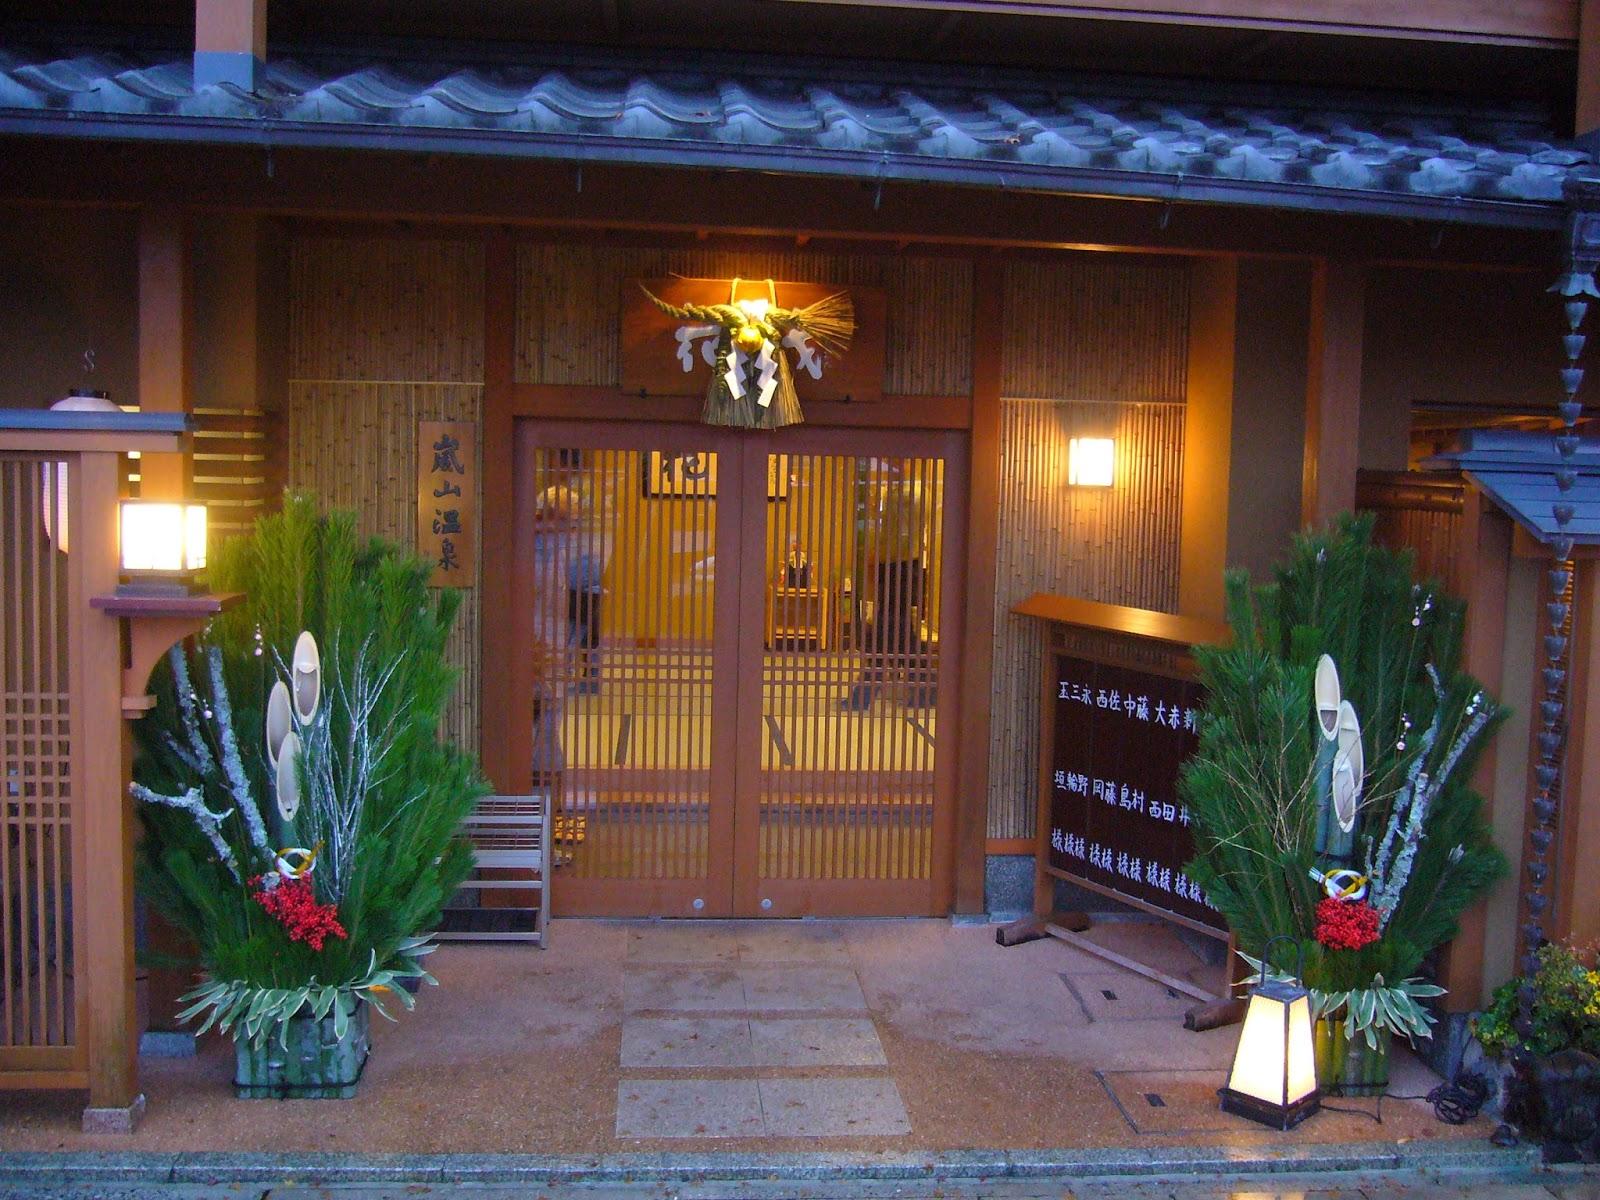 Japanese temari oshogatsu temari new year temari 2015 for Japan decorations home